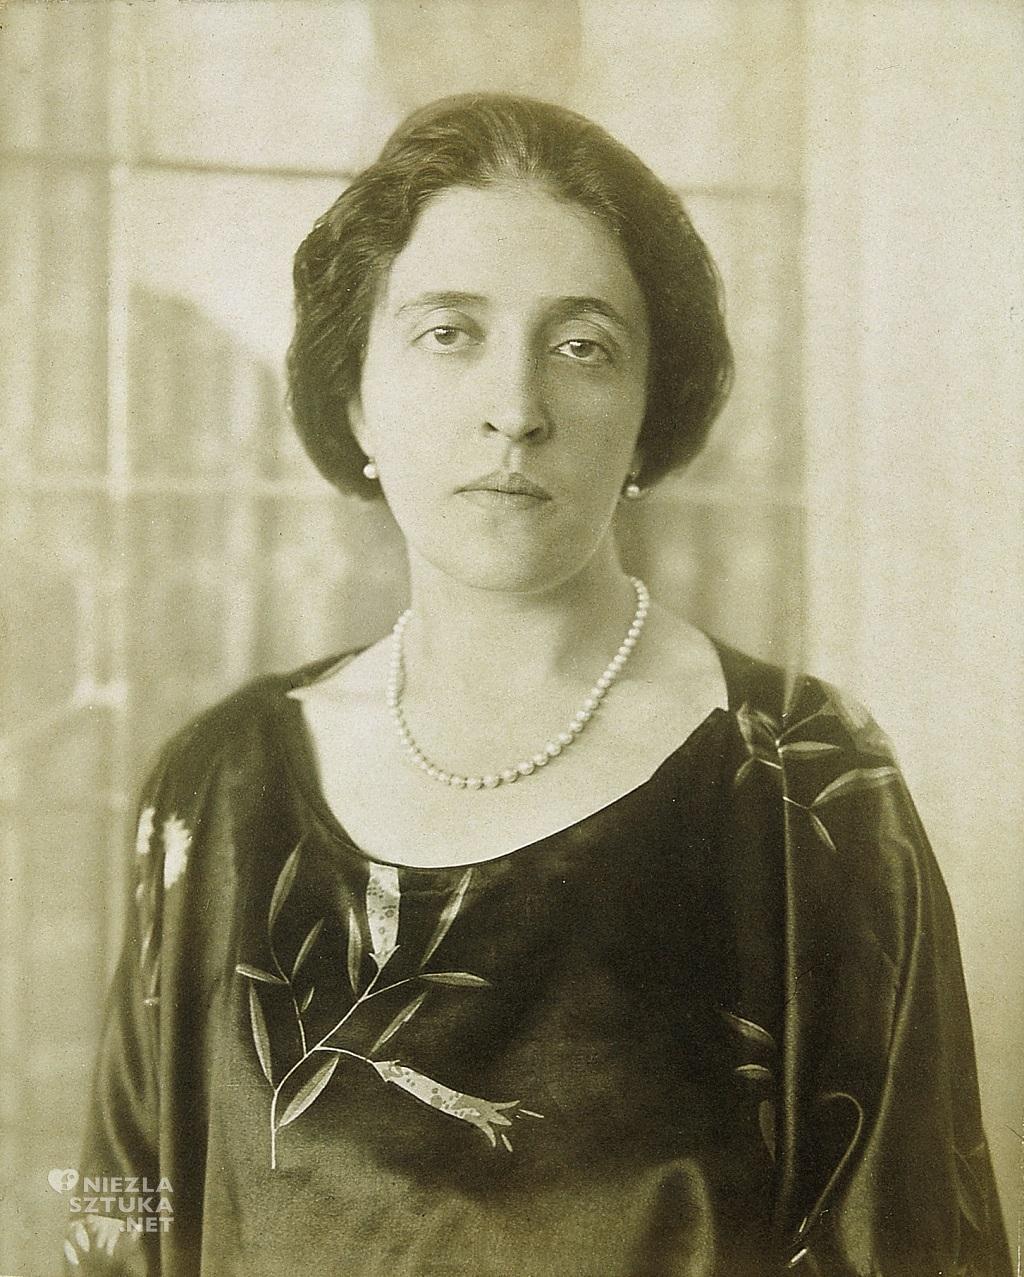 Adela Bloch-Bauer, ok. 1915, Niezła sztuka